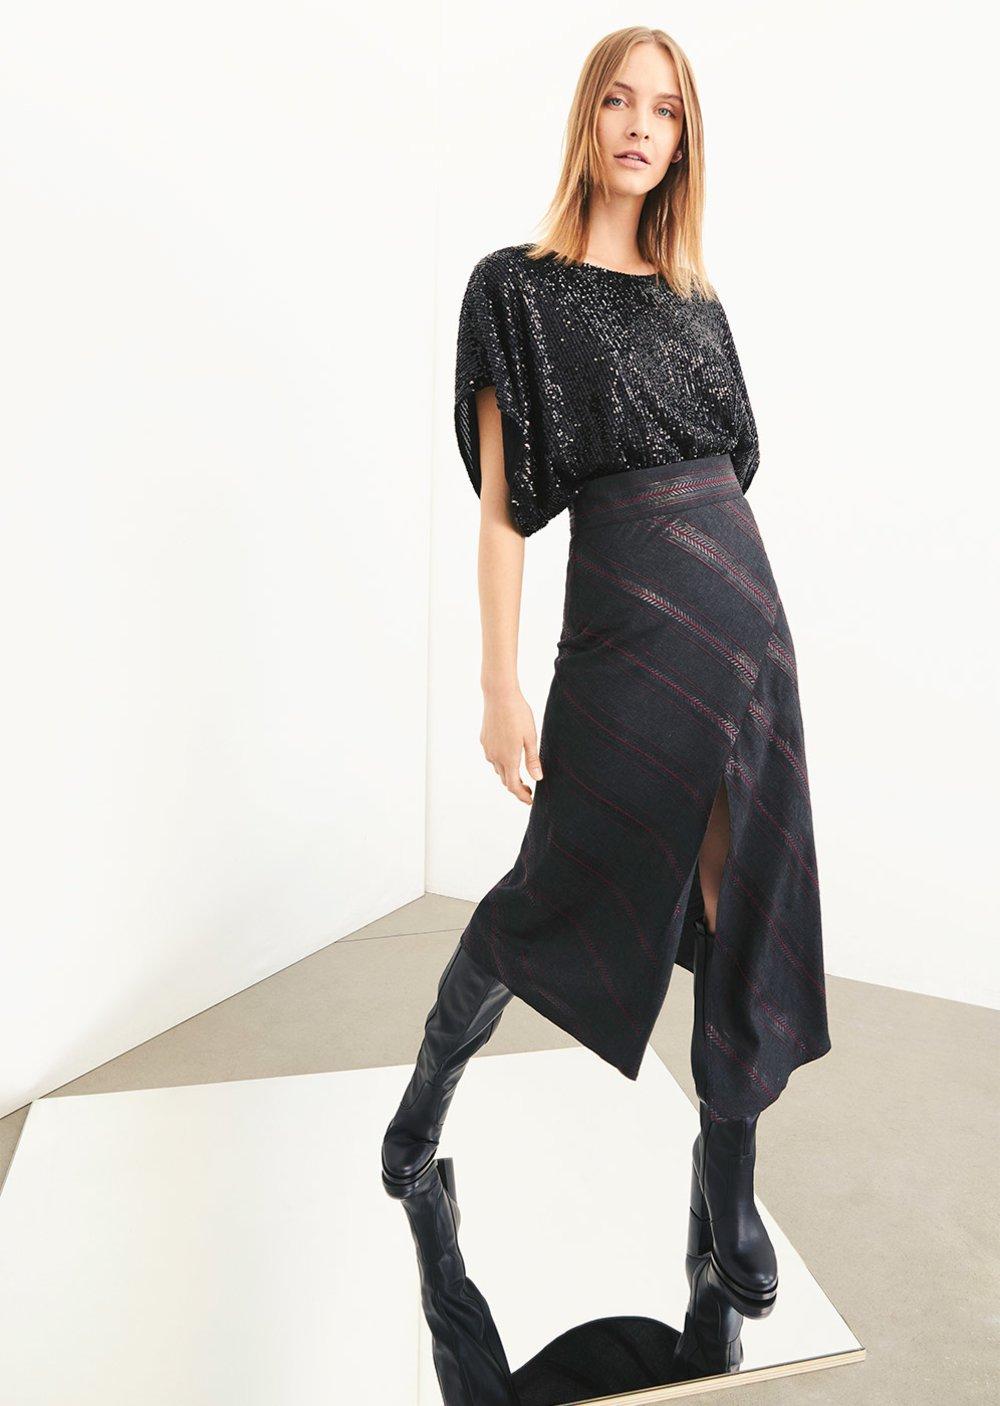 Blusa di paillettes Stefy manica ampia - Black - Donna